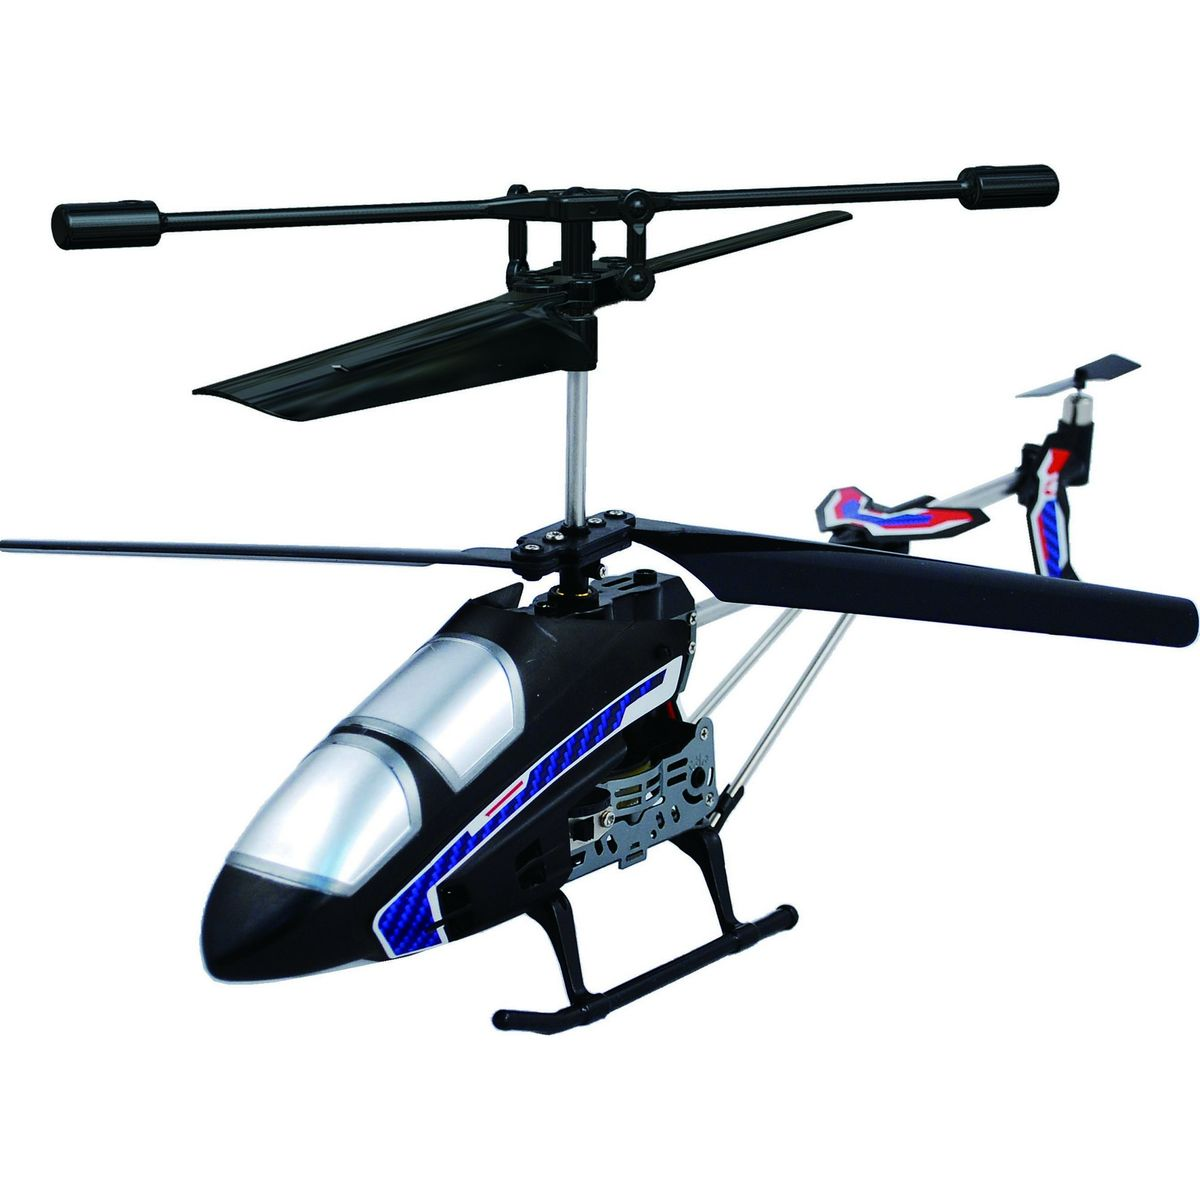 Властелин небес Вертолет на радиоуправлении Триумф цвет черный радиоуправляемый вертолет с инфракрасной пушкой и мишенью властелин небес красный